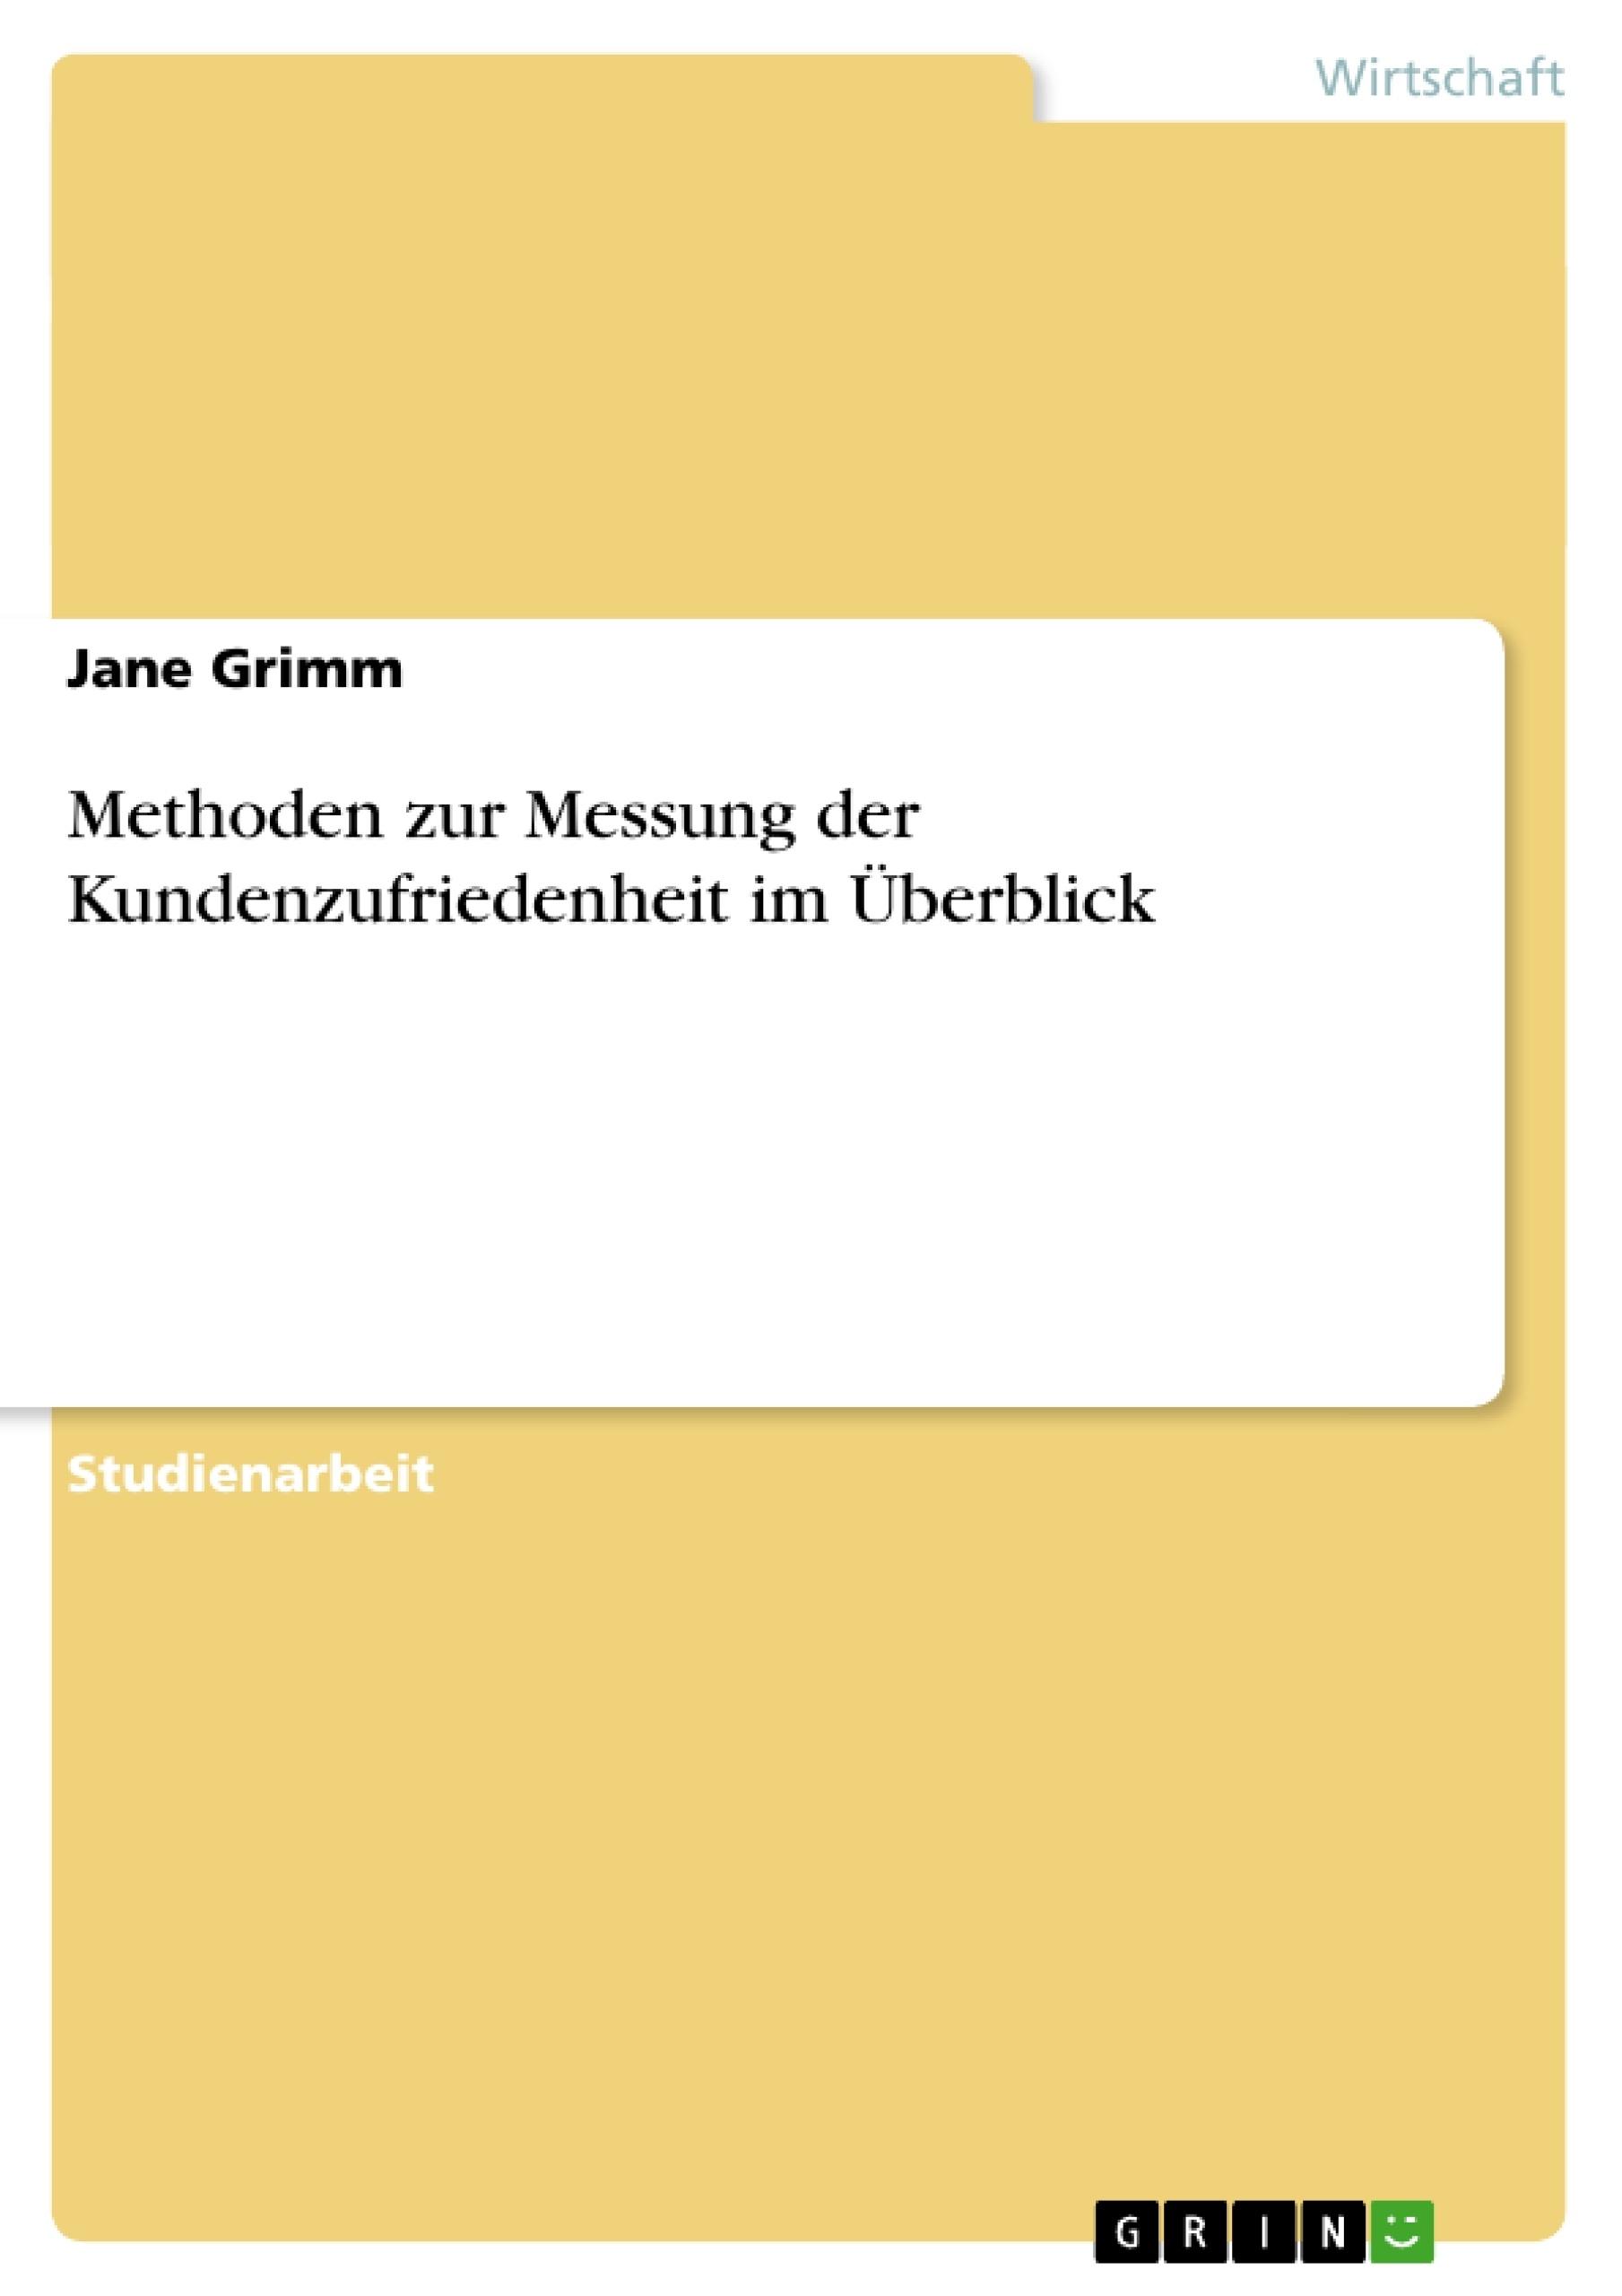 Titel: Methoden zur Messung der Kundenzufriedenheit im Überblick